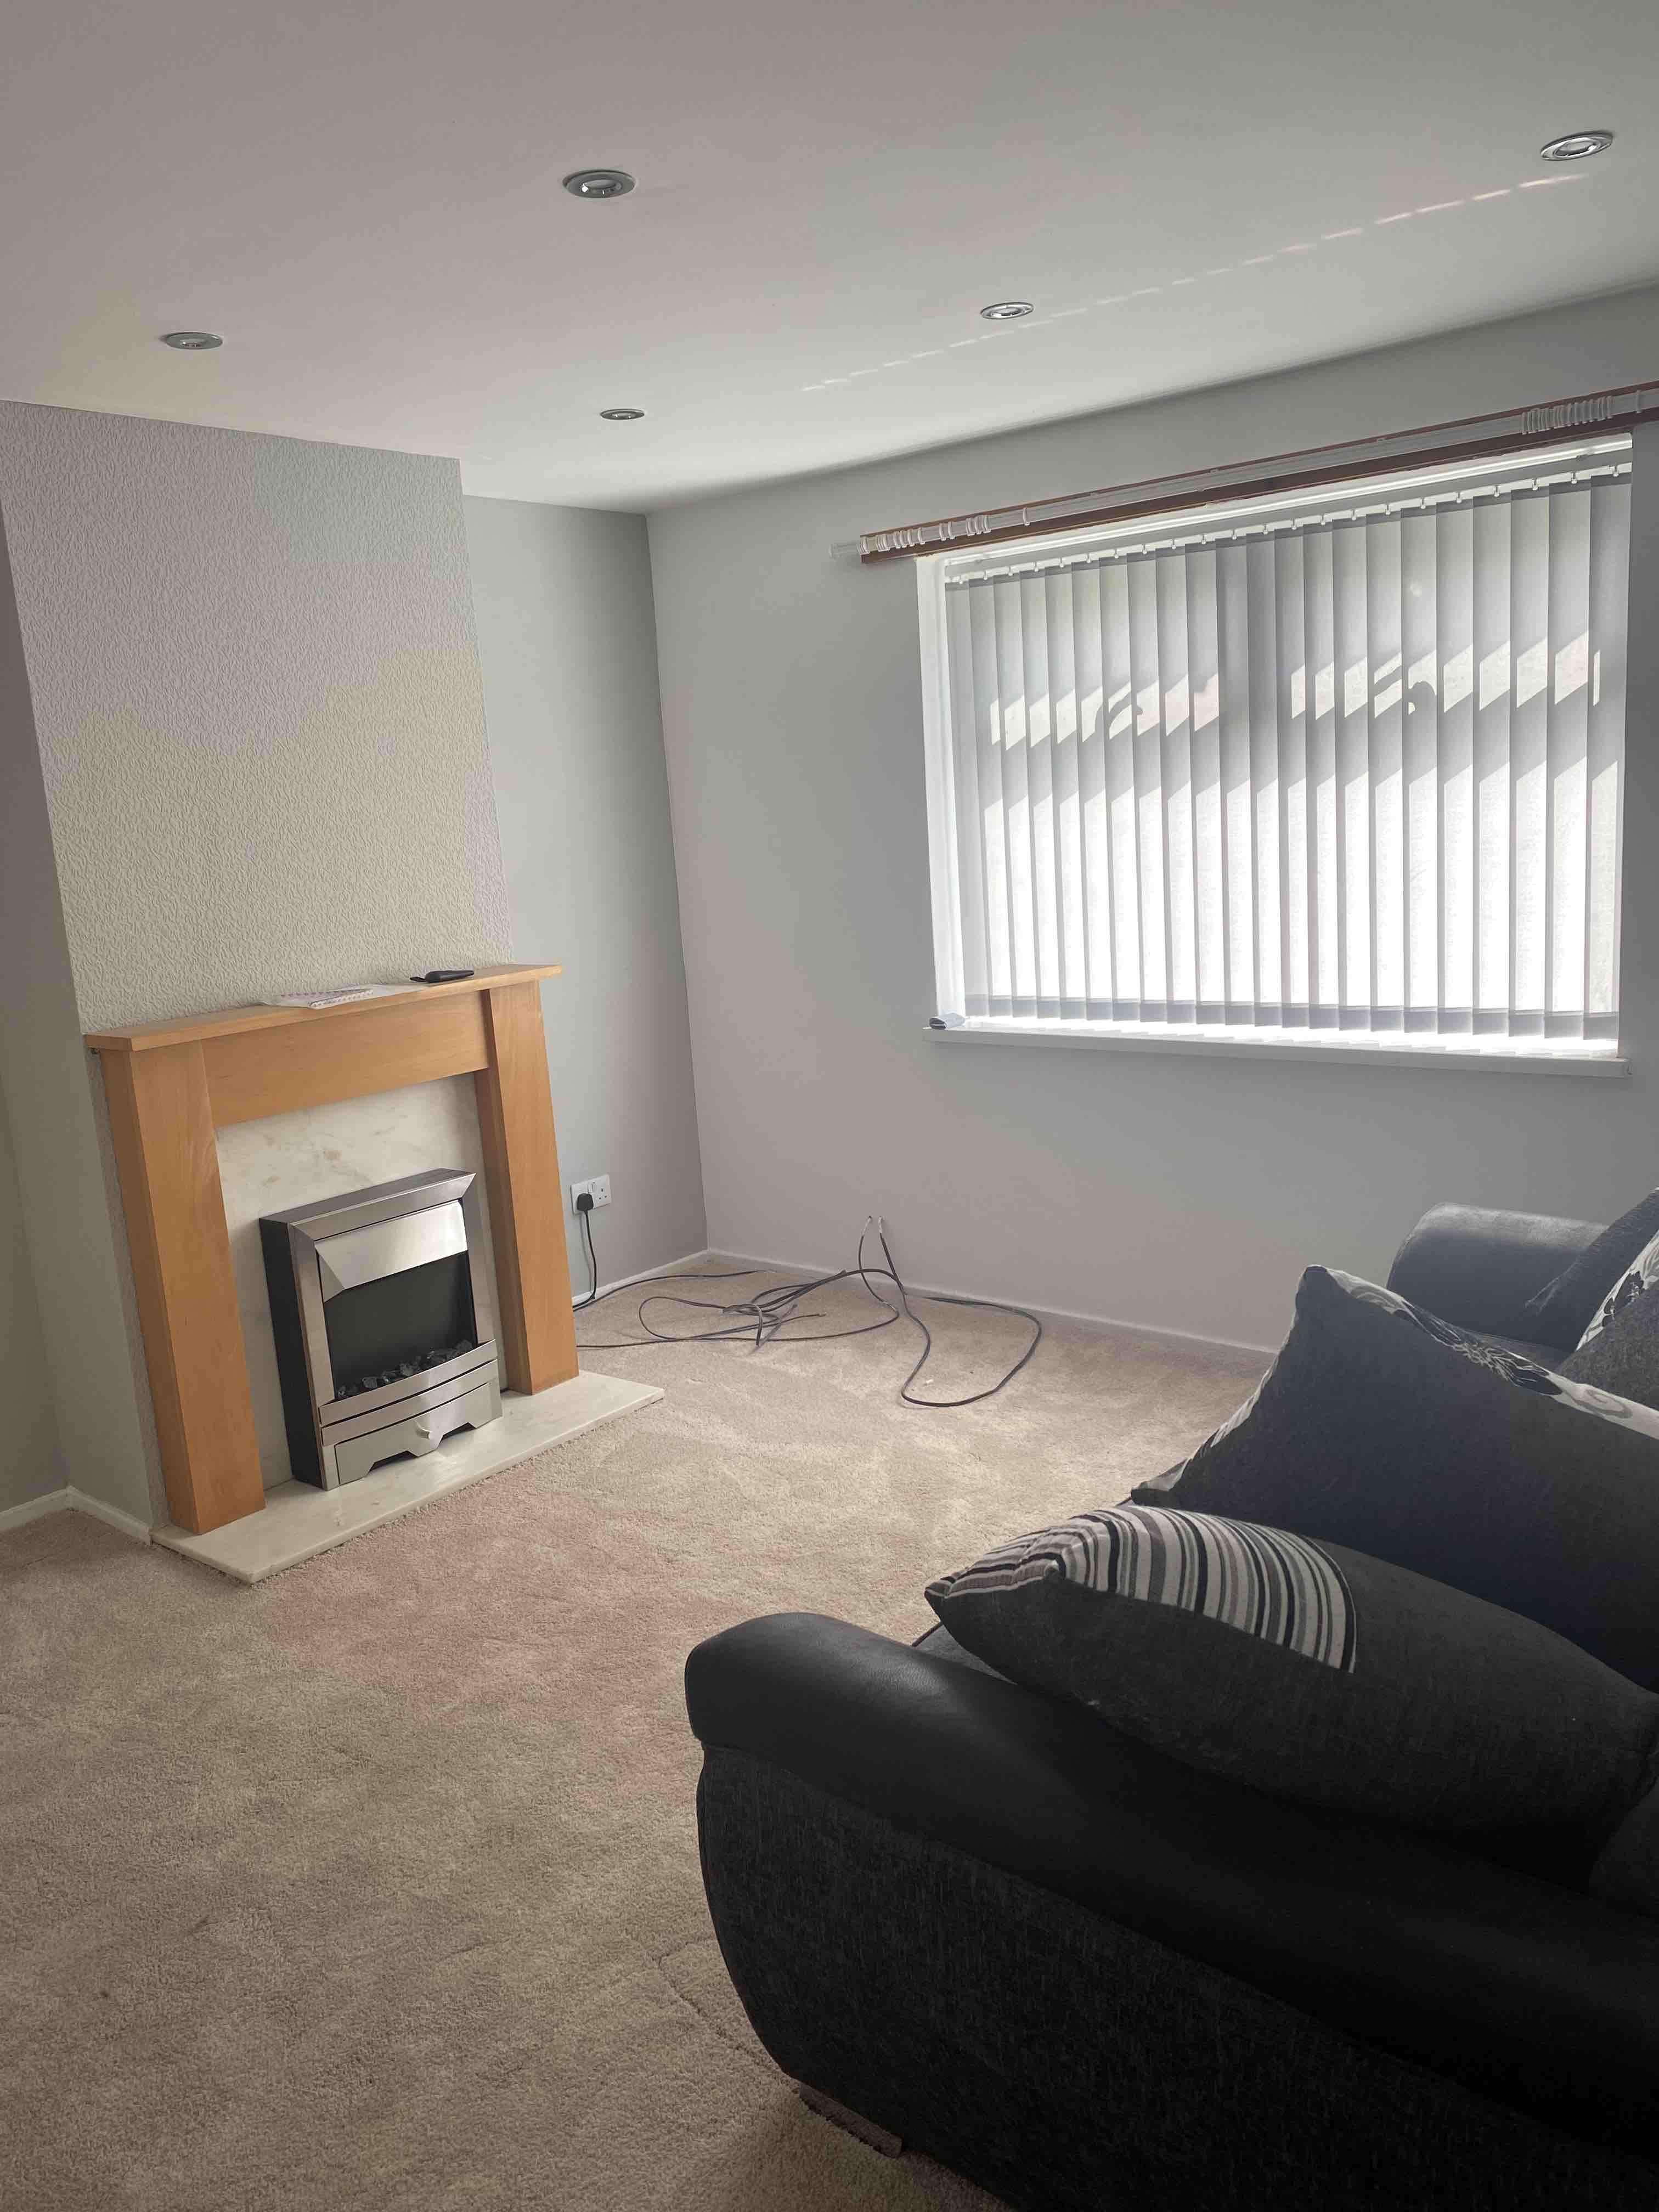 1 room in Poulton-le-Fylde, Lancashire, FY6 8HR RoomsLocal image